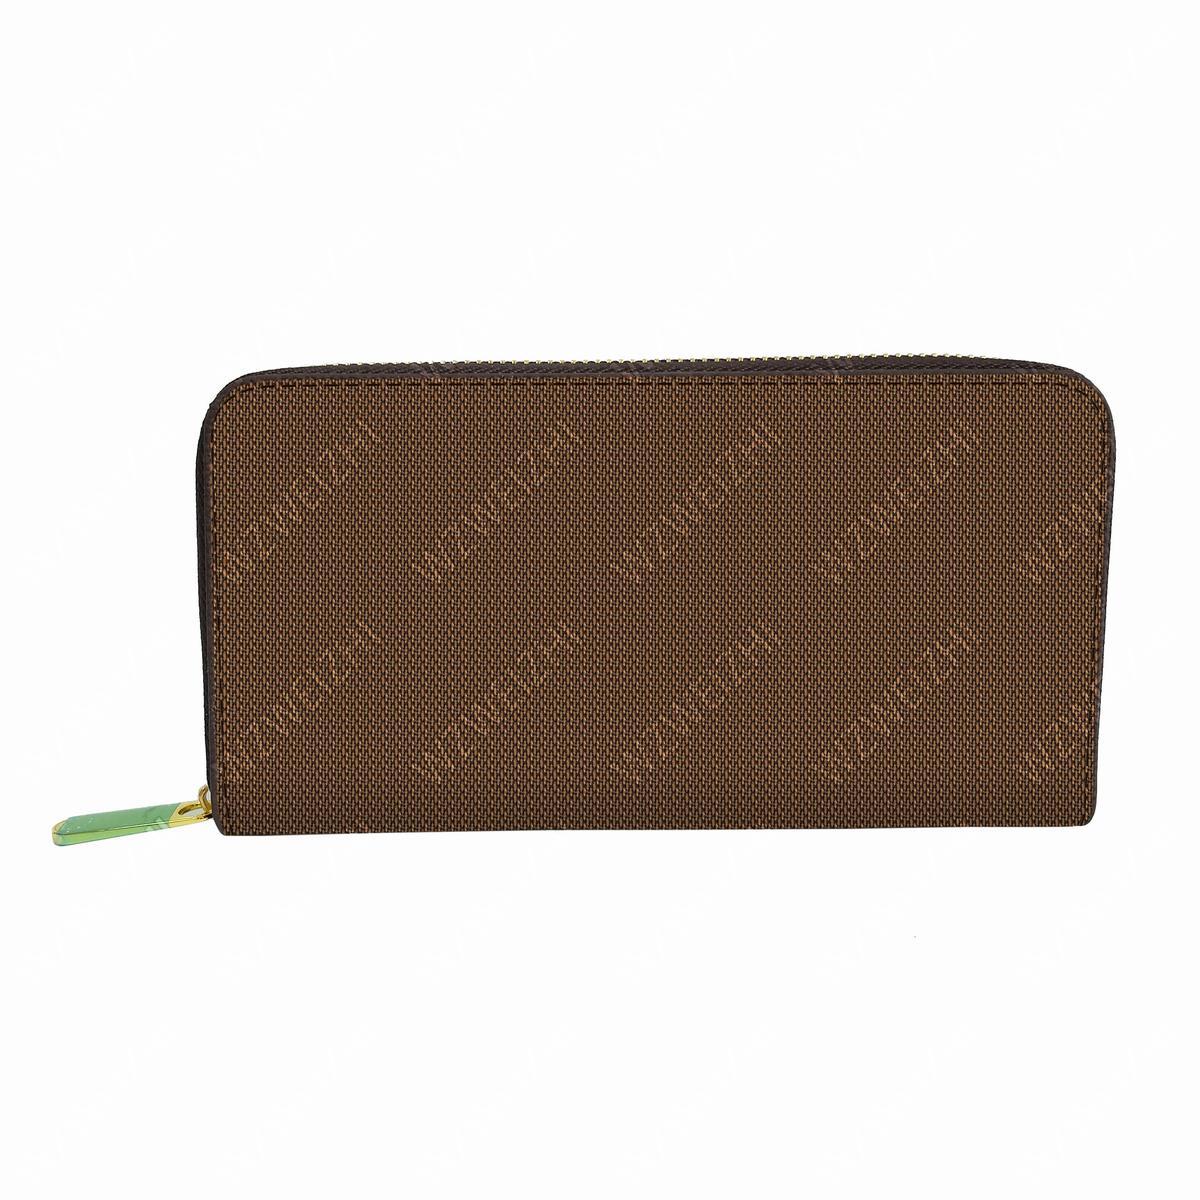 Hot vente Hommes Classique bourse Mode femmes longue fermeture éclair Porte-cartes de portefeuille sacs en cuir Porte-Monnaie embrayage Sacs de haute qualité M42616